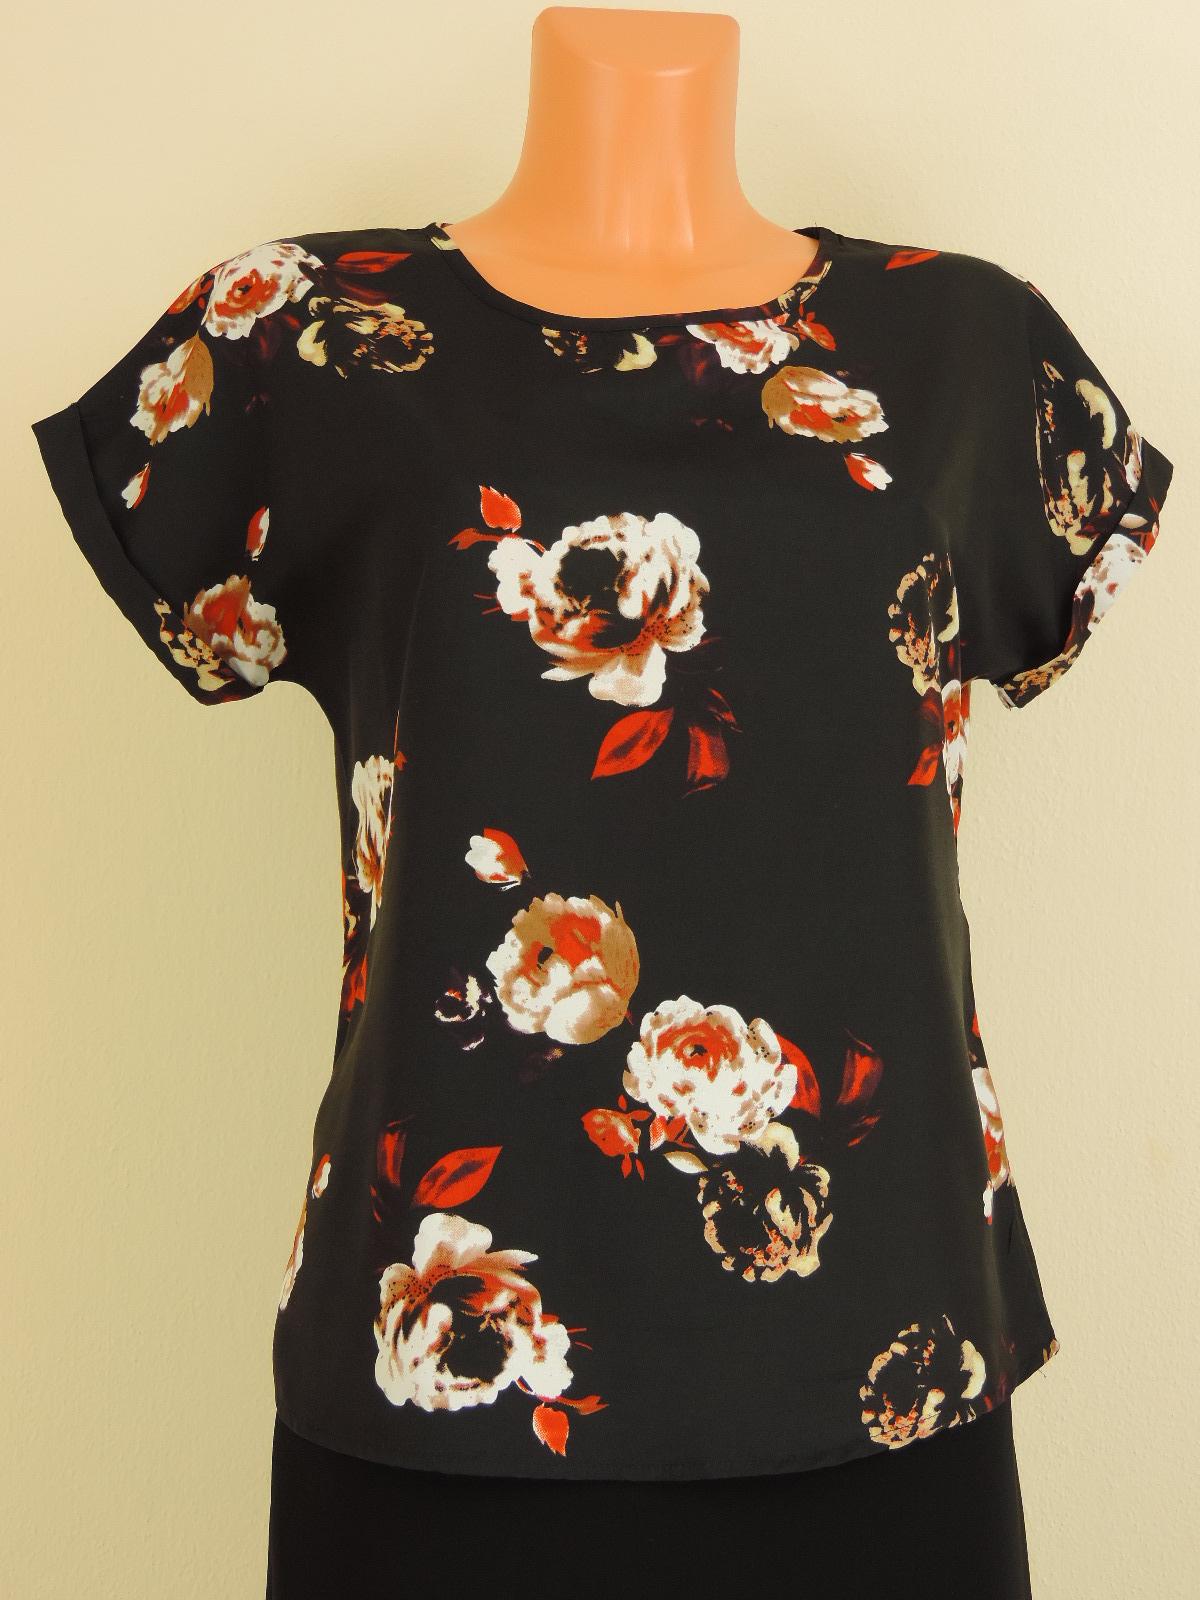 Černá tunika s květy. - Second hand online - Fashion Princess Kate e702c2659e